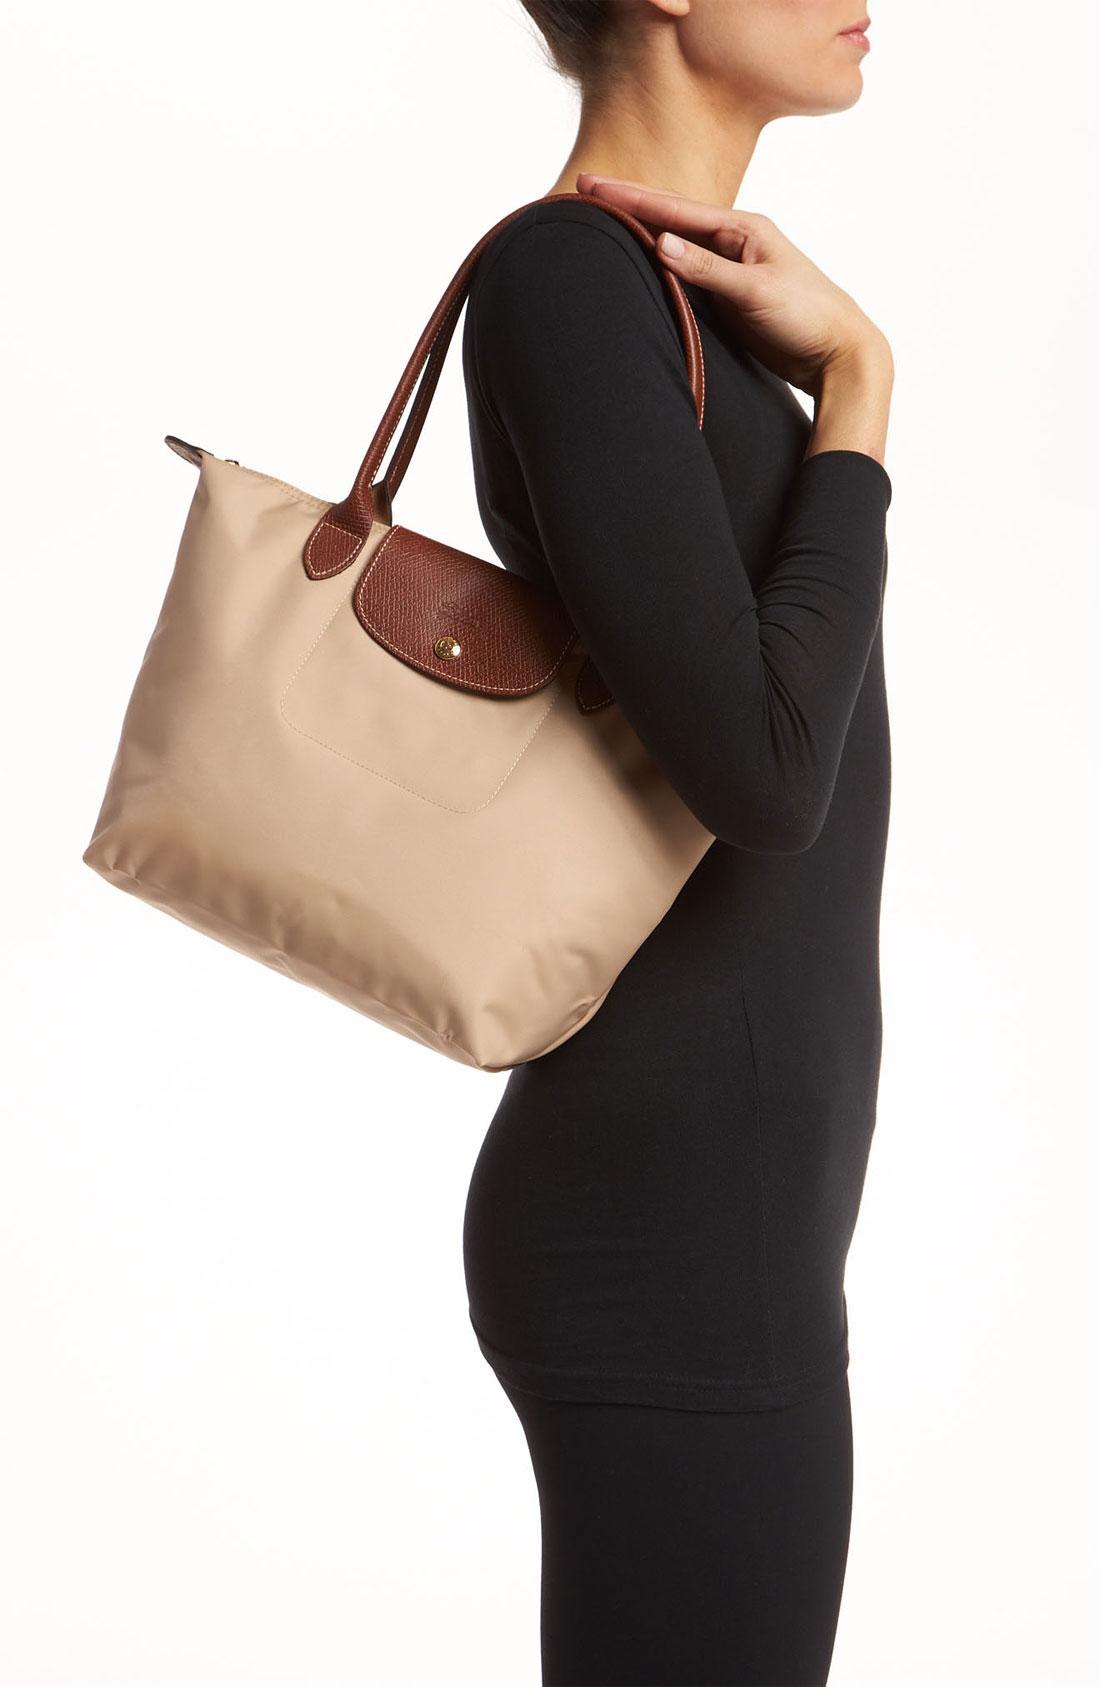 longchamp le pliage medium shoulder tote in beige natural. Black Bedroom Furniture Sets. Home Design Ideas